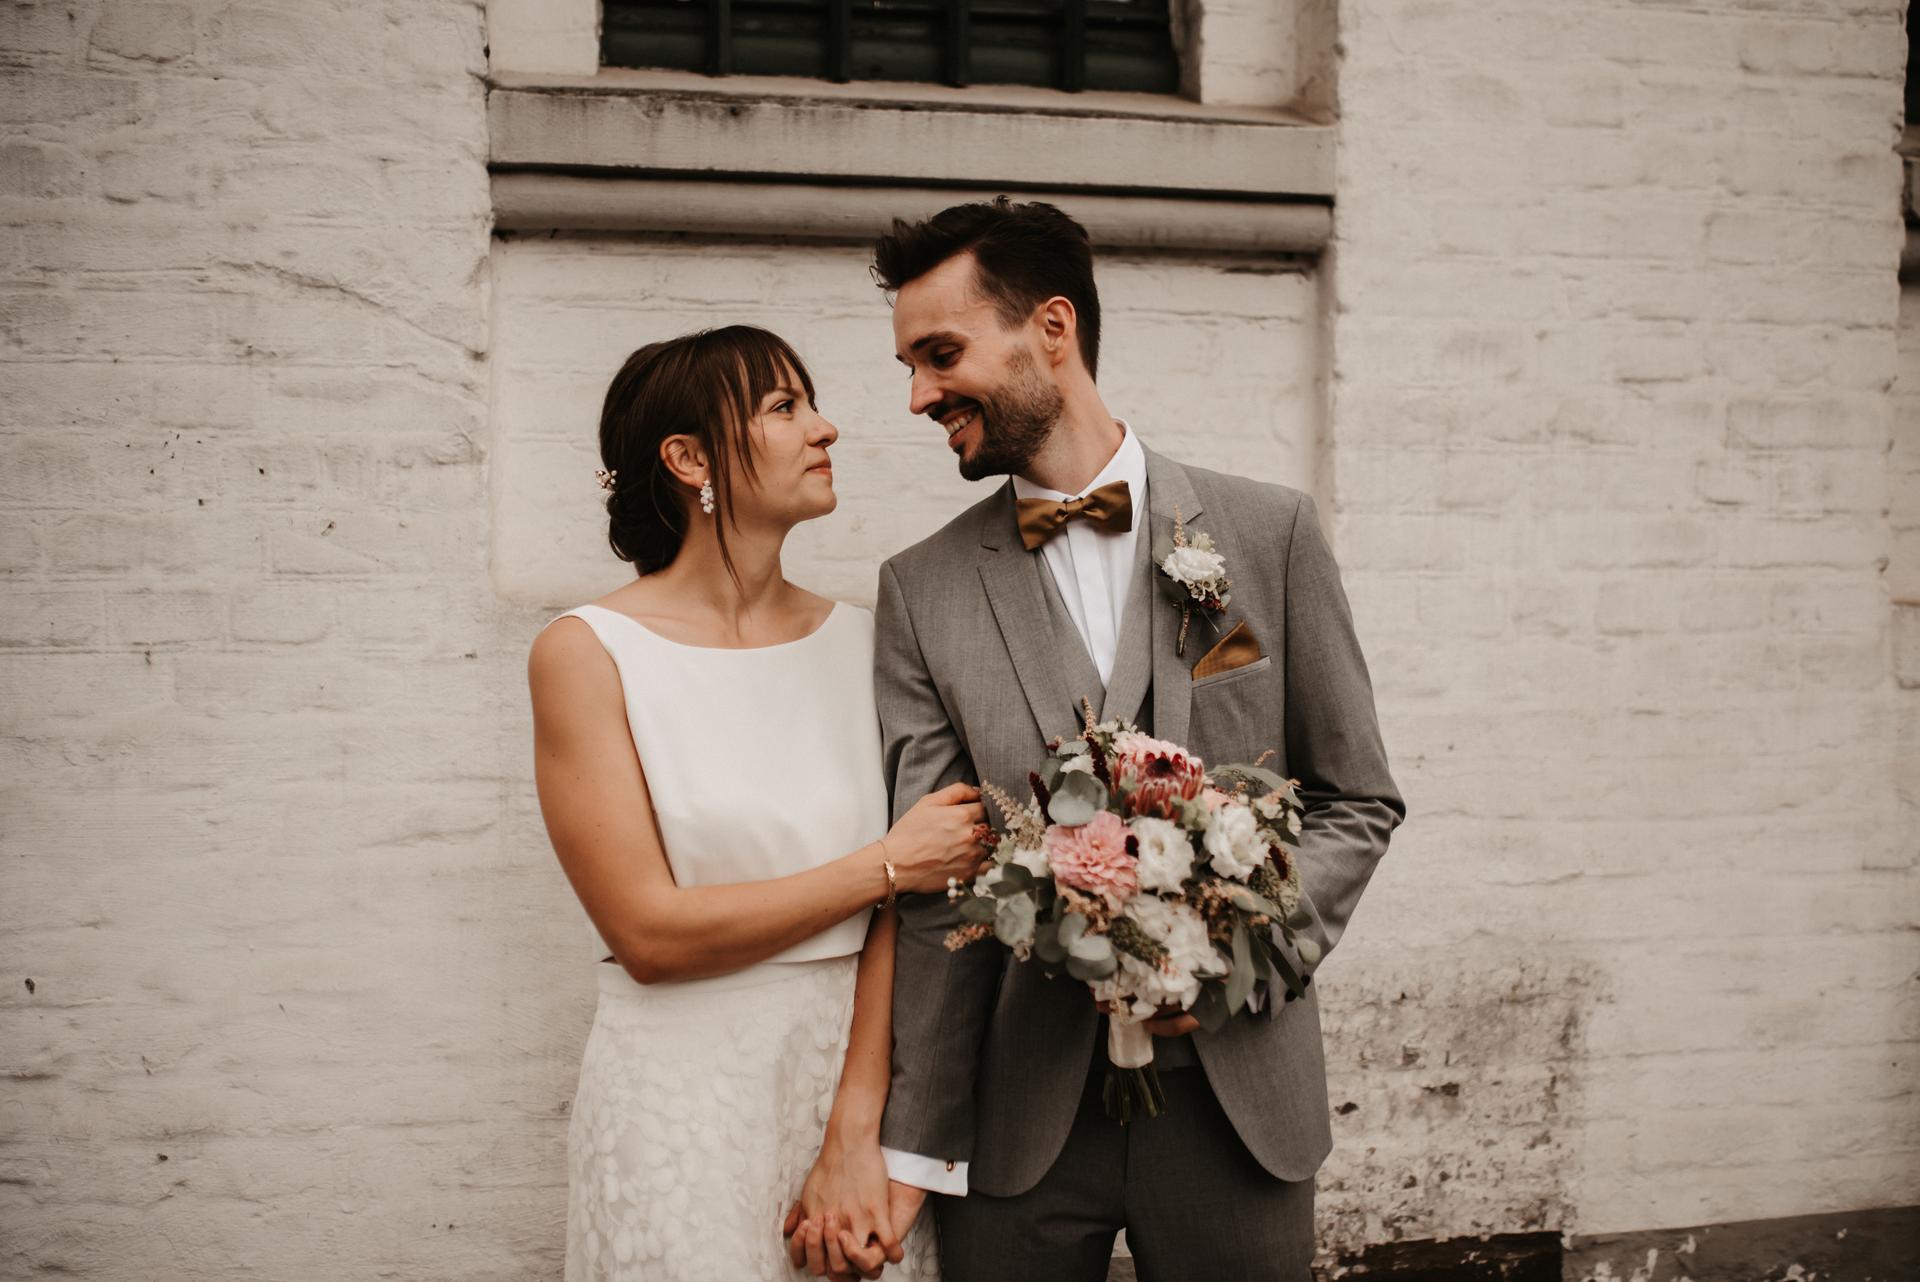 Brautpaar lachend, rückenfreies Brautkleid, Brautstrauss aus Trockenblumen mit Eukalyptus